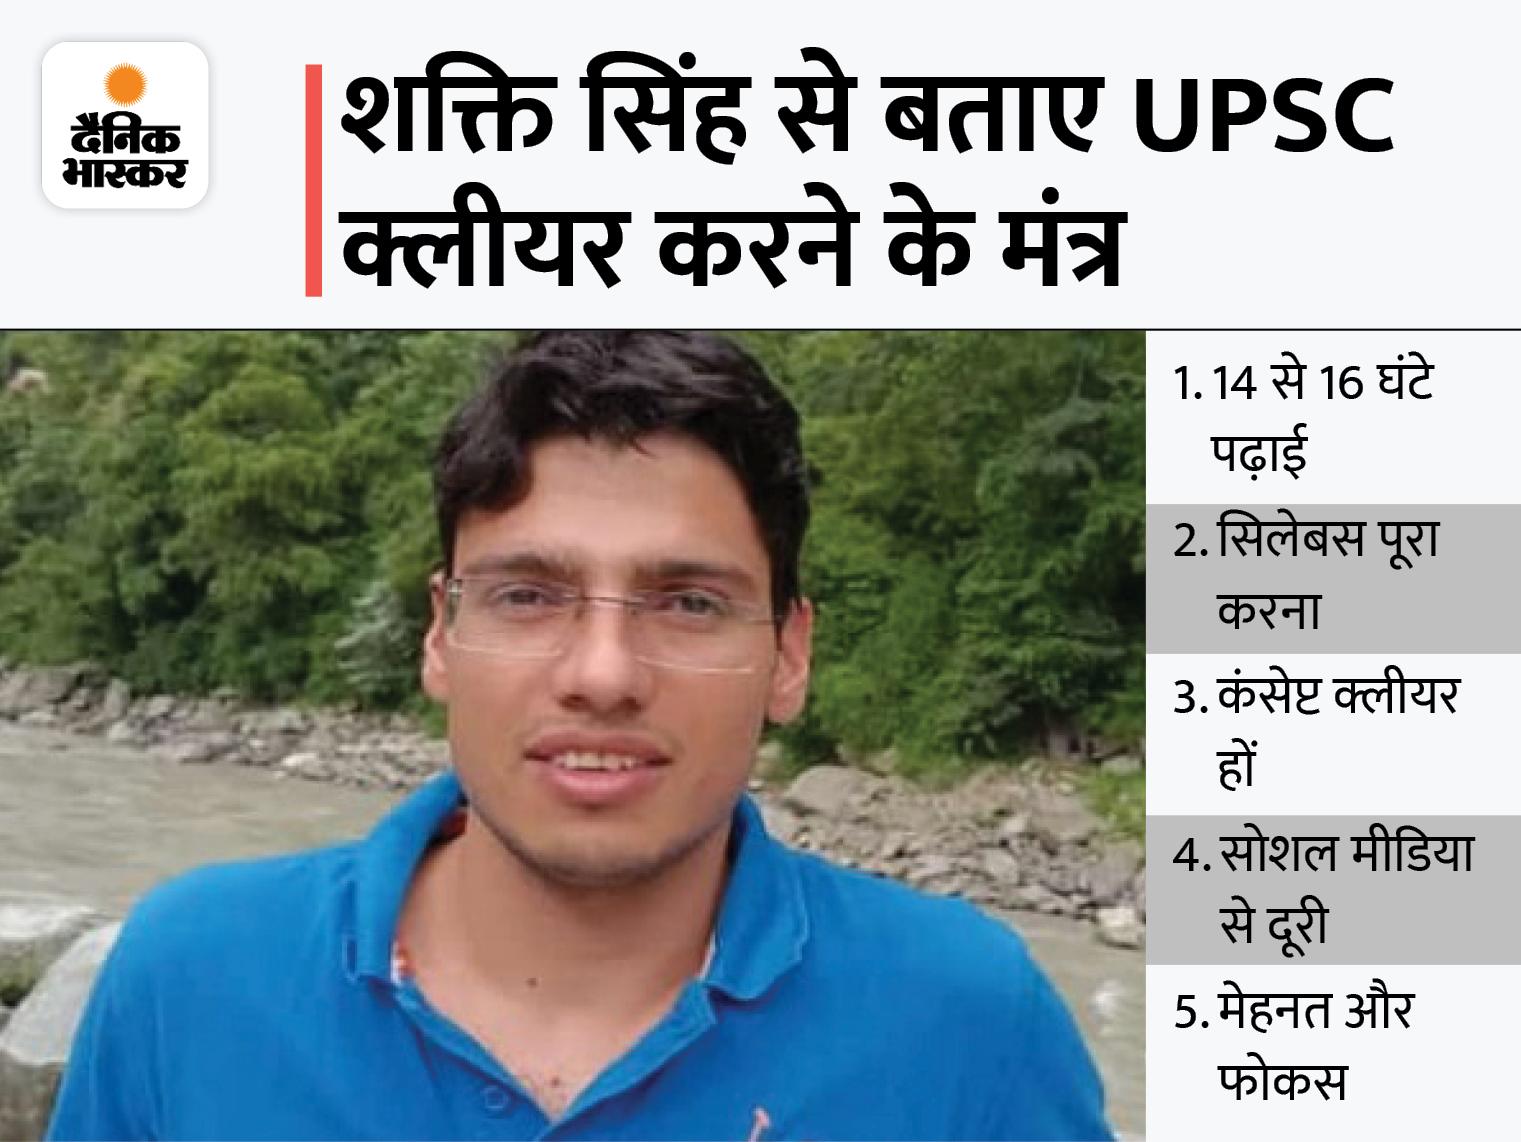 इनकम टैक्स असिस्टेंट कमिश्नर हूं; पहले प्रयास में सफल रहा, लेकिन पिता चाहते थे IPS बनूं तो दोबारा तैयारी की, मिला 480वां रैंक पानीपत,Panipat - Dainik Bhaskar